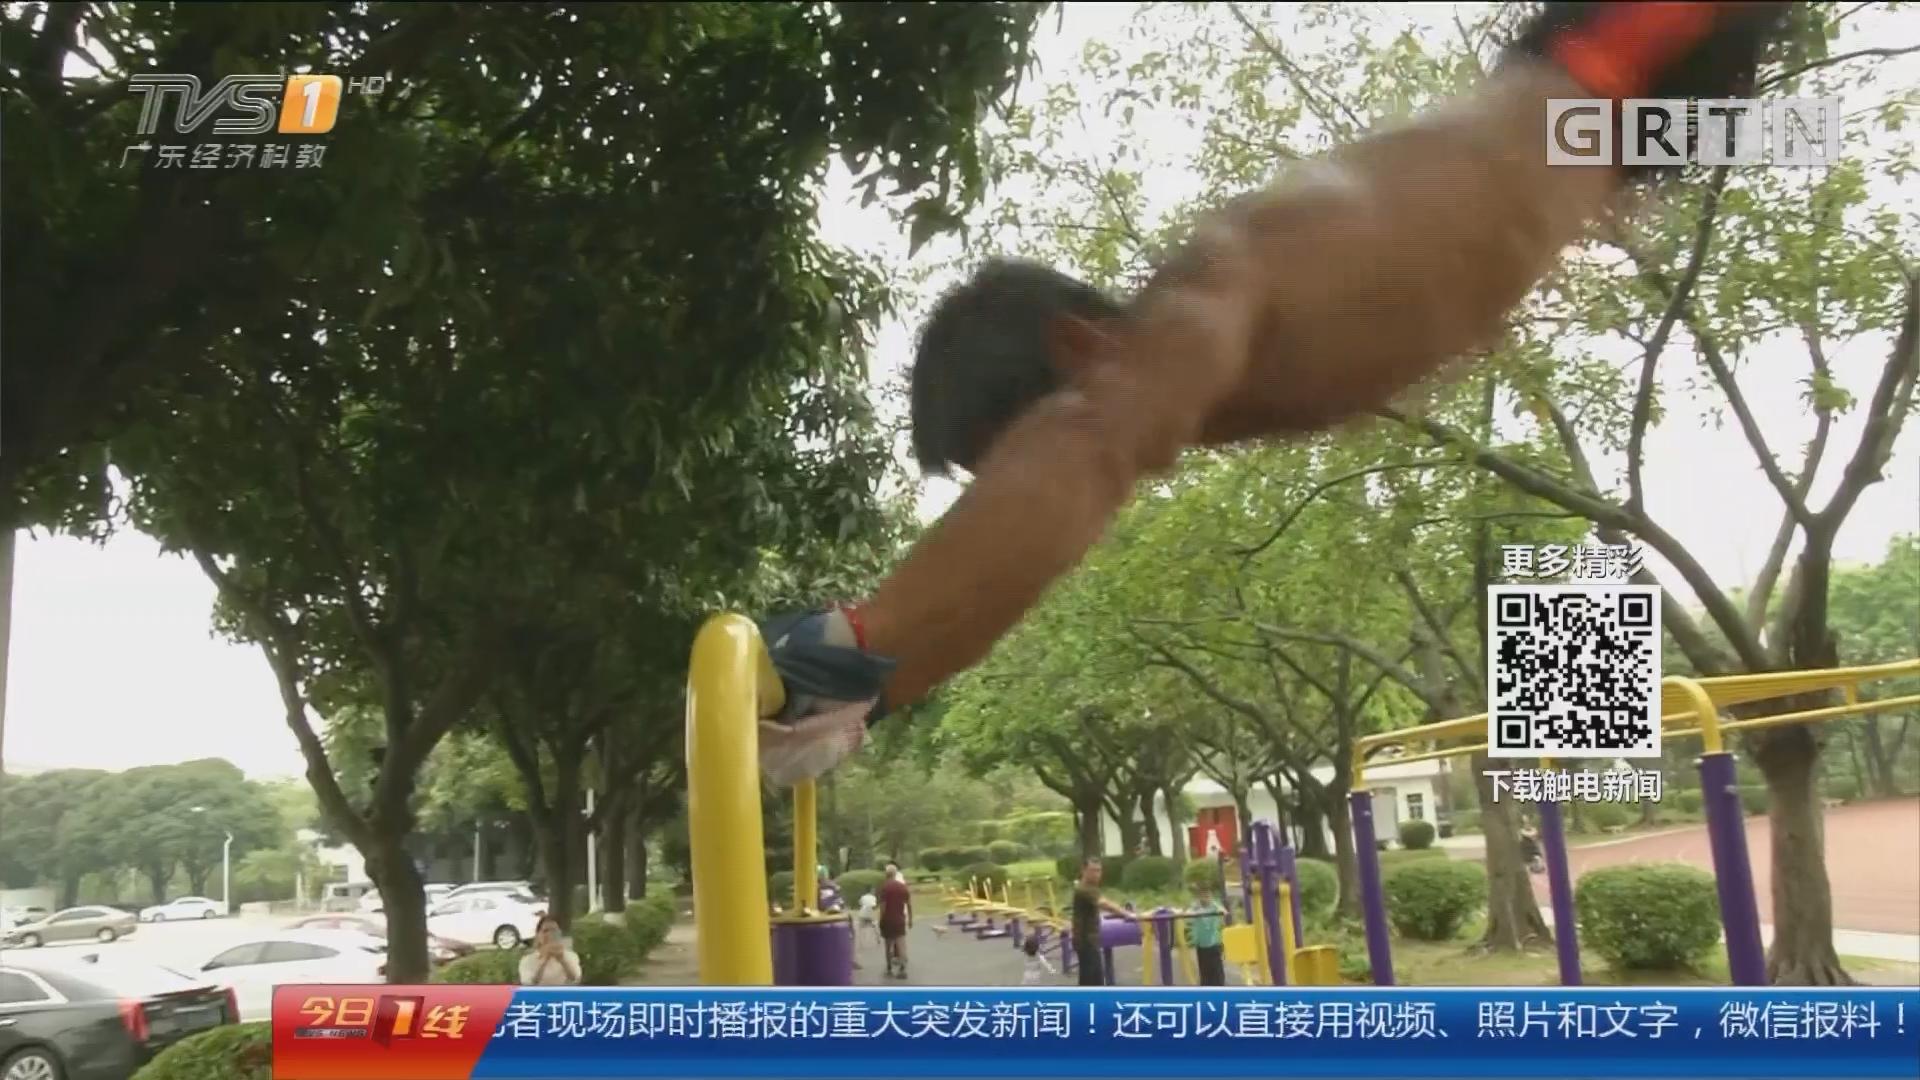 中山:六旬老人练就健硕肌肉 360度回环没难度